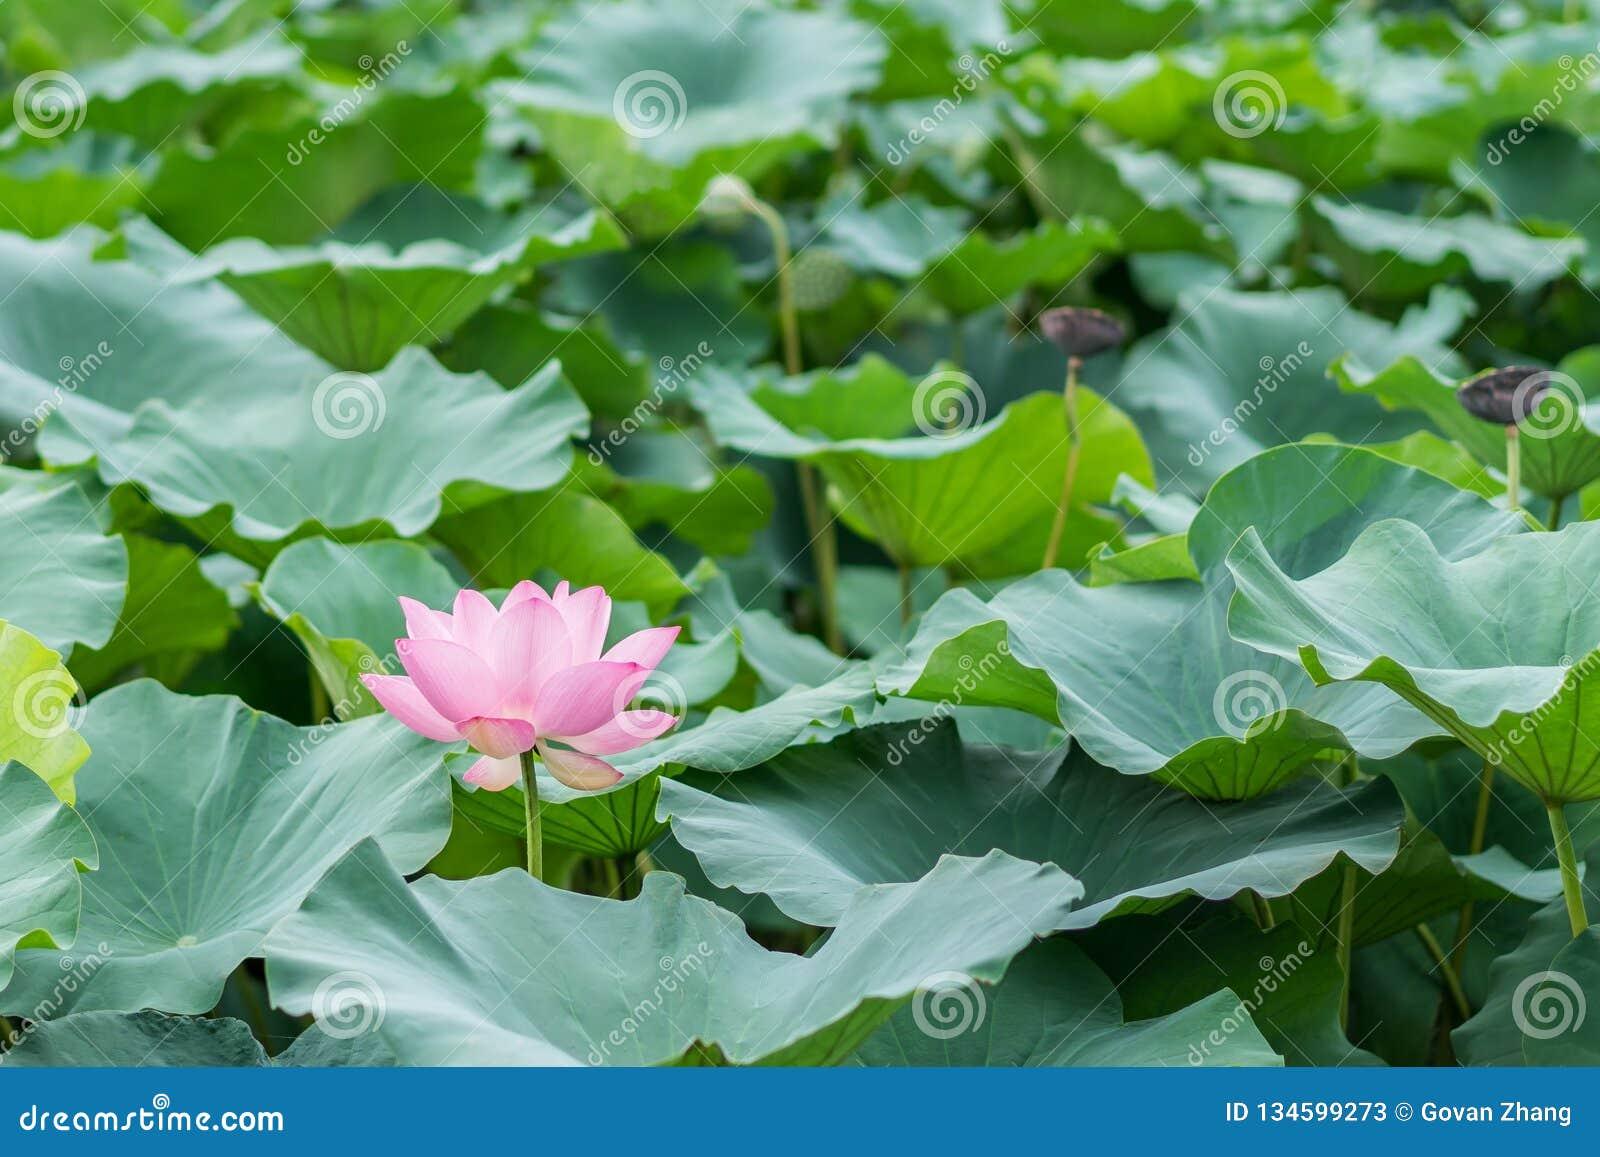 Beautiful lotus blossoms in pool